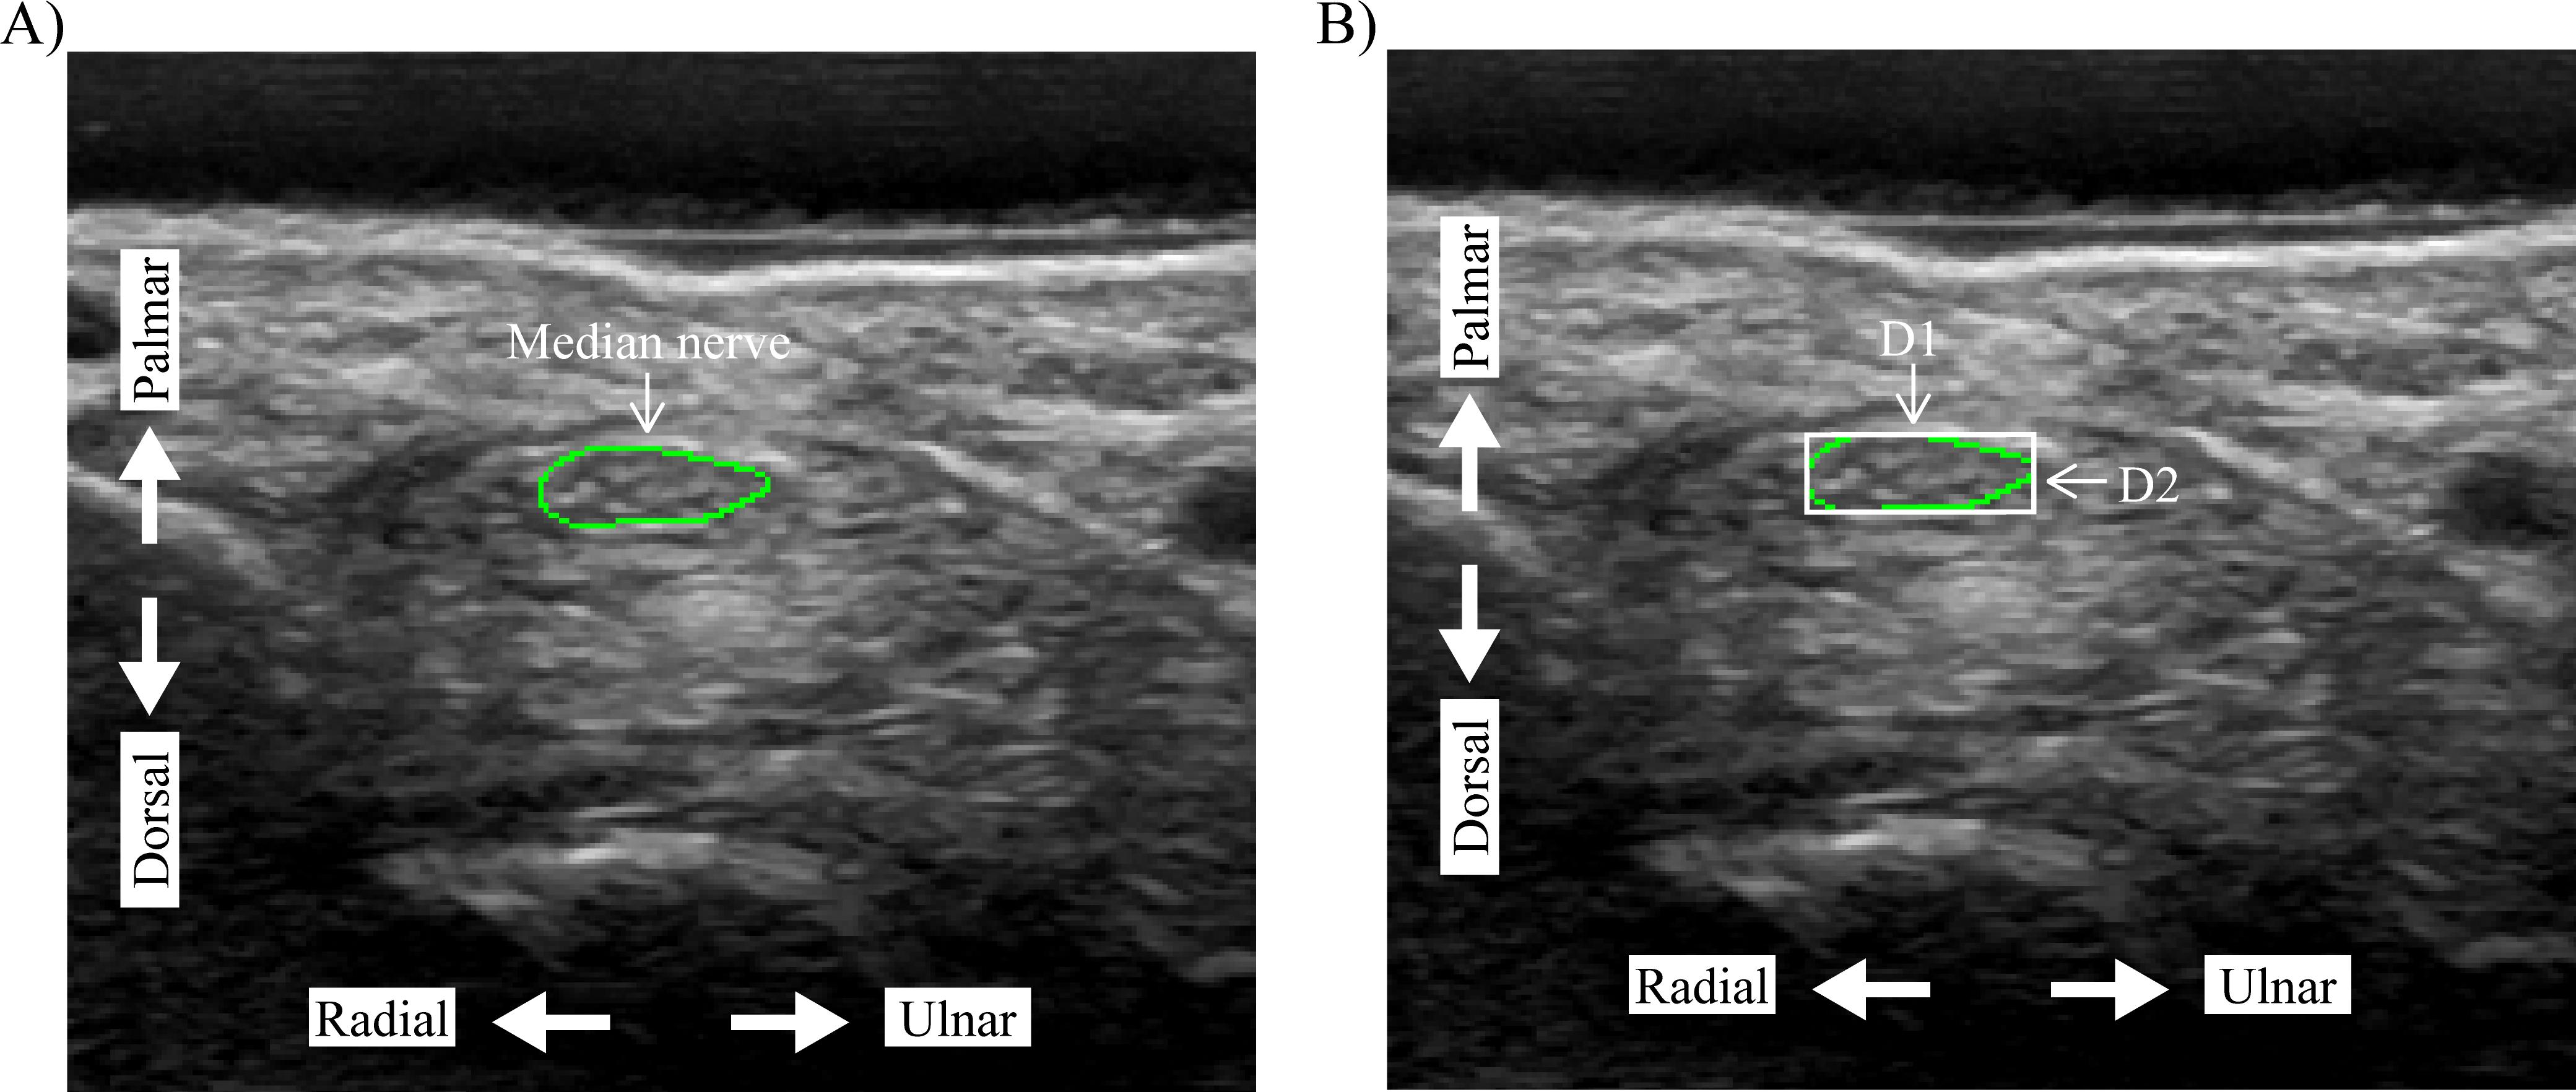 Deformation of the median nerve at different finger postures and